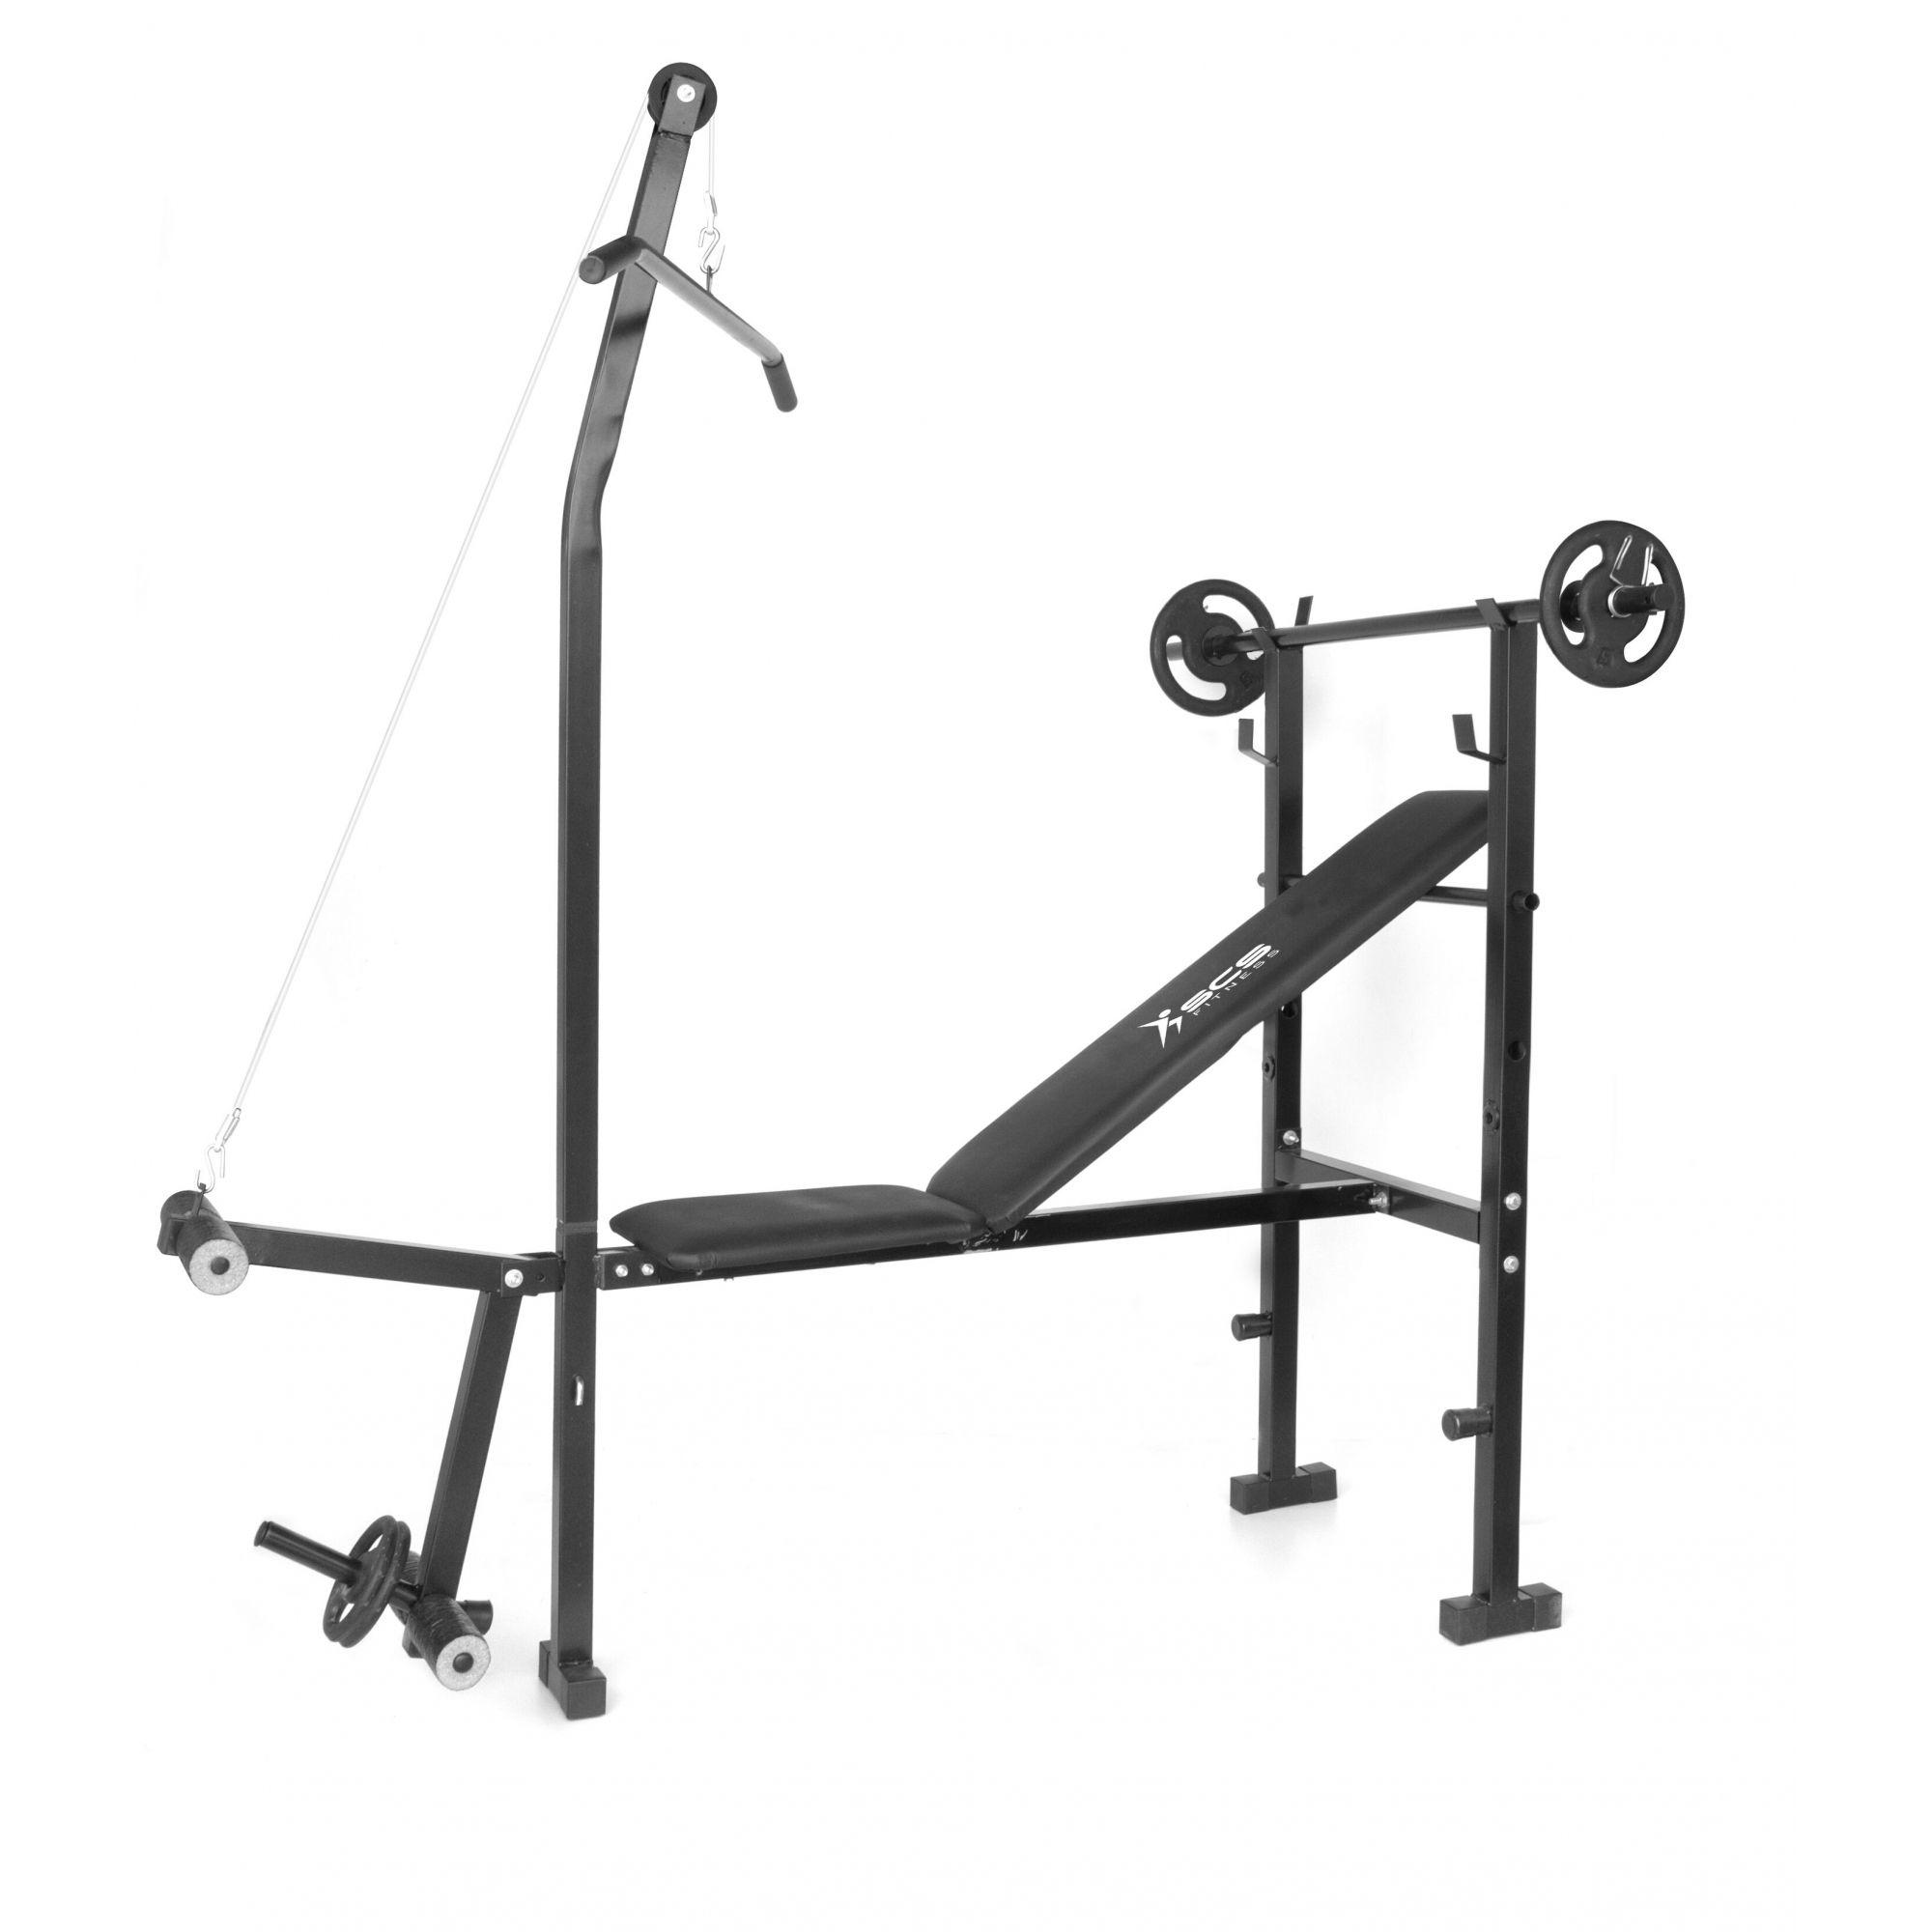 Estação de Musculação Star Gym S400  - Loja Portal